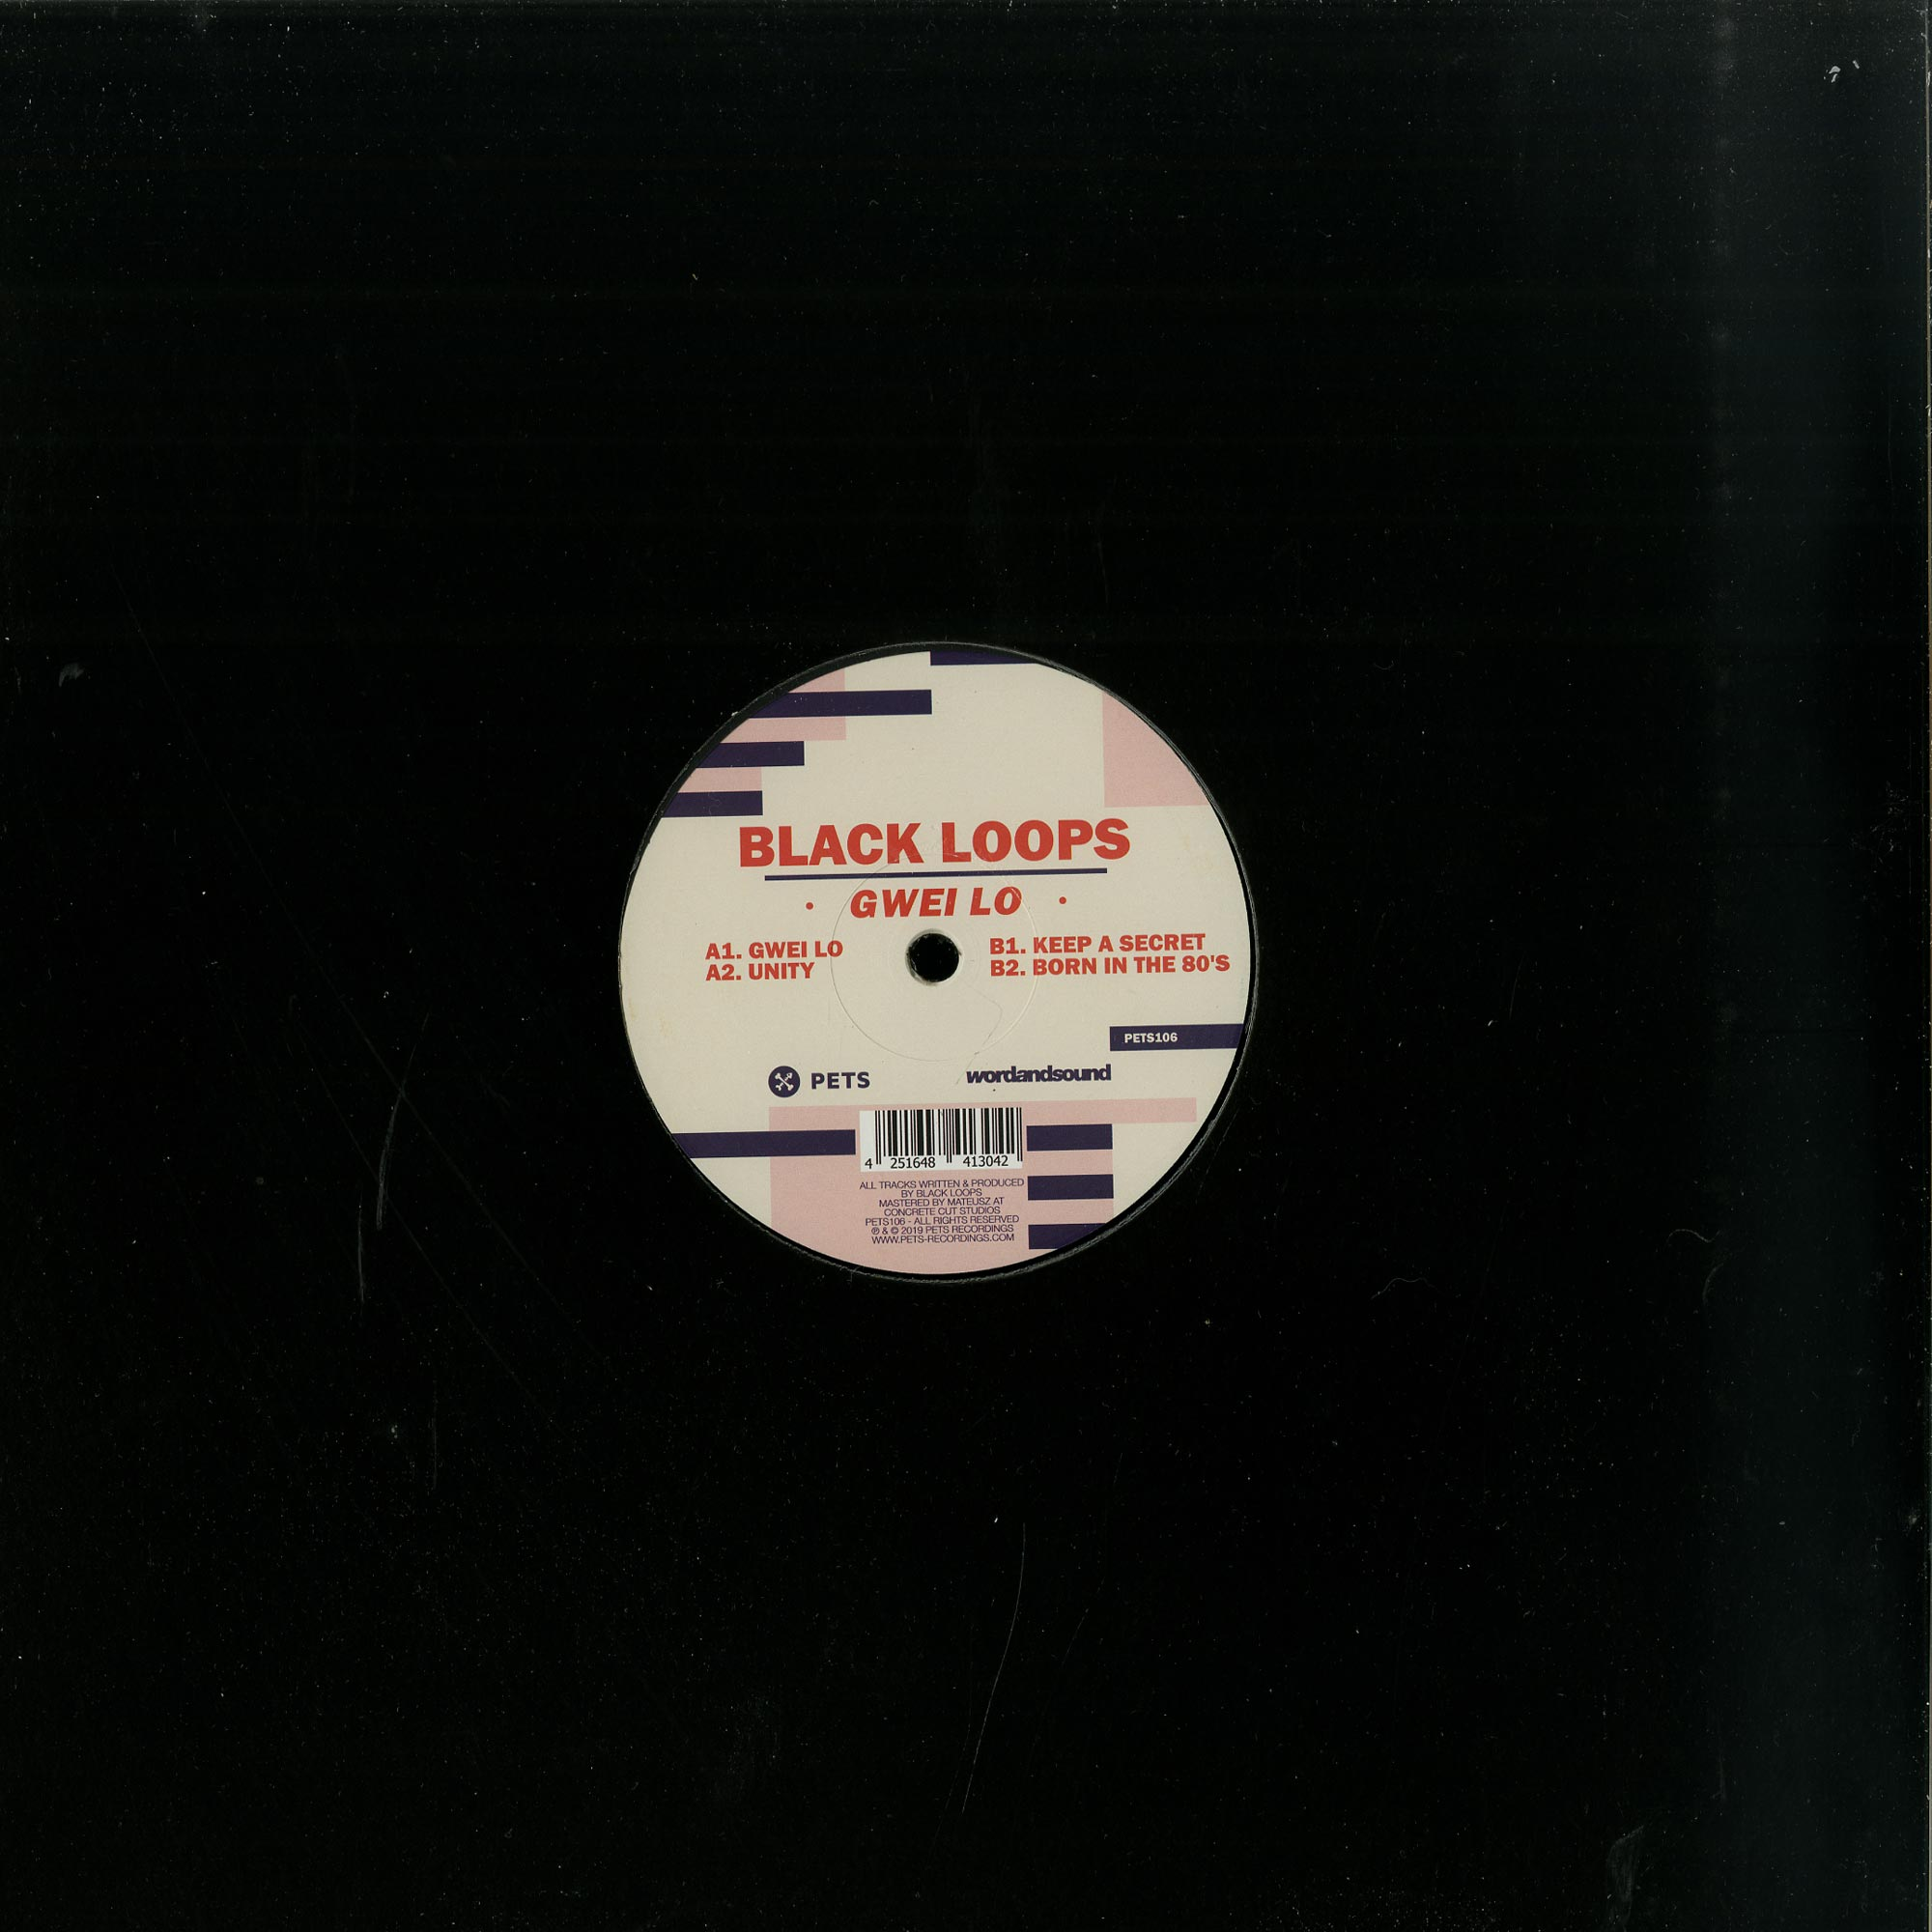 Black Loops - GWEI LO